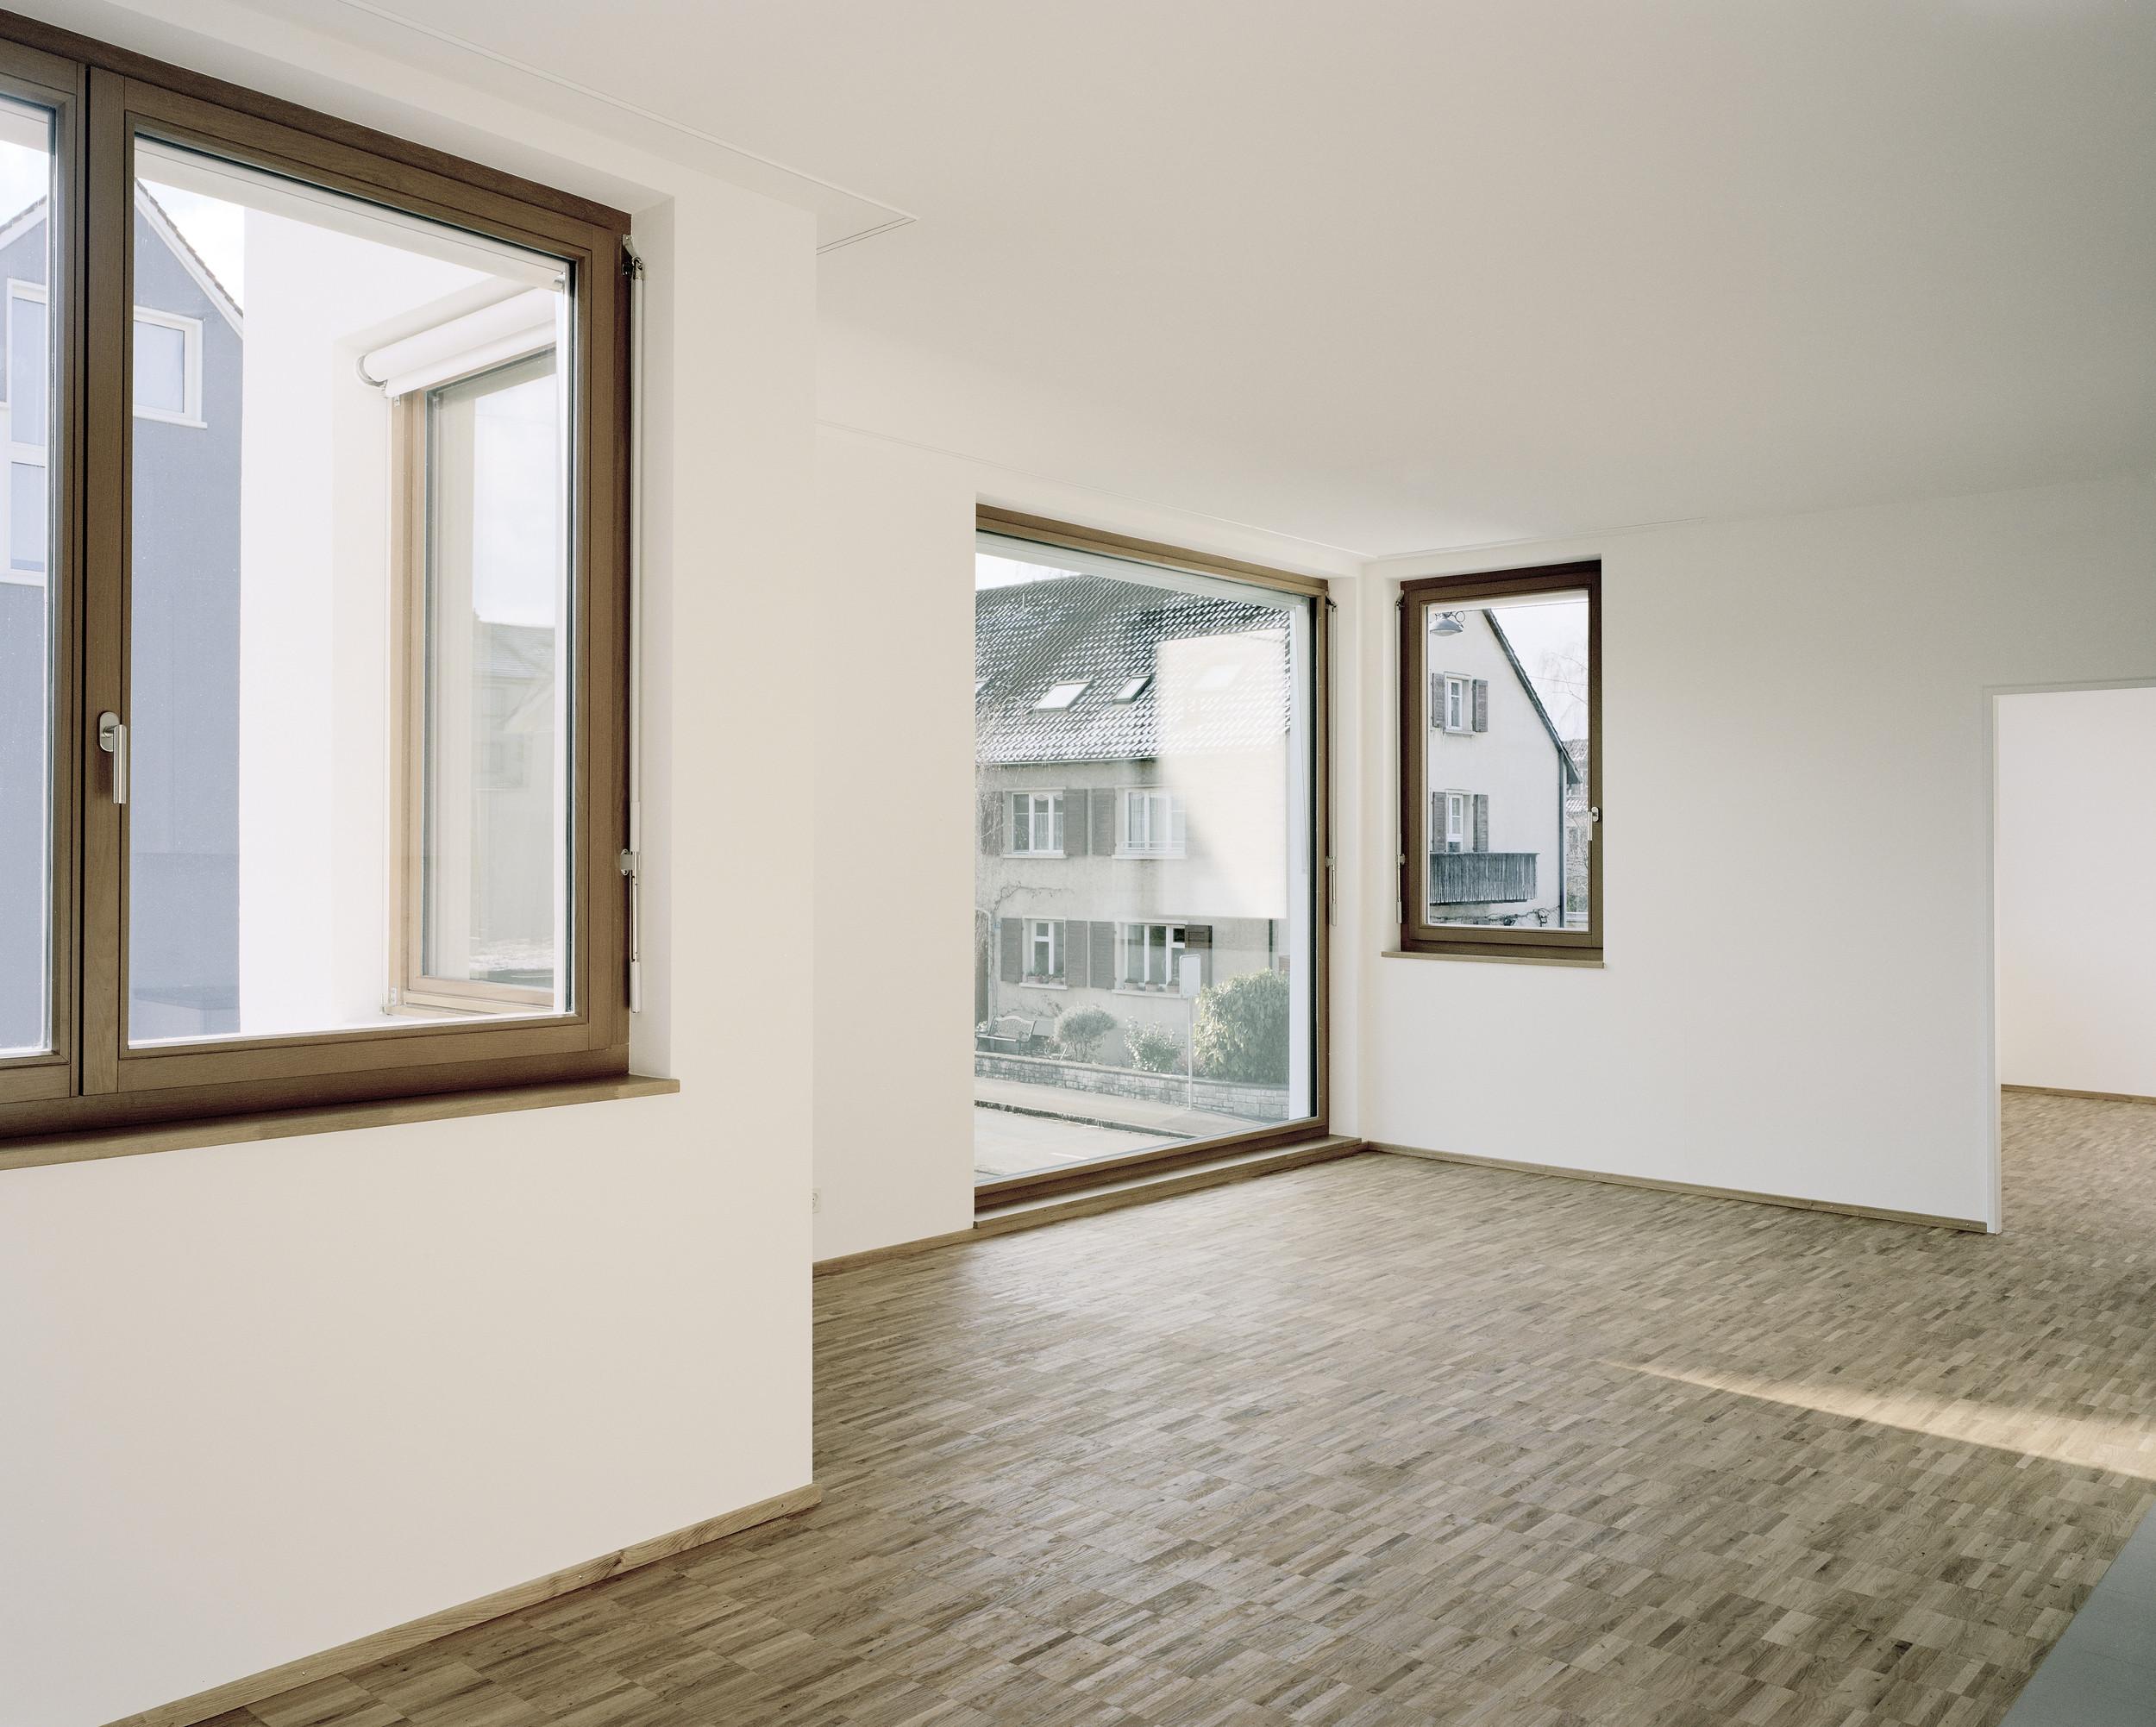 schräge Ansicht auf verschieden grosse lichtspendende Kieferholzfenster von innen